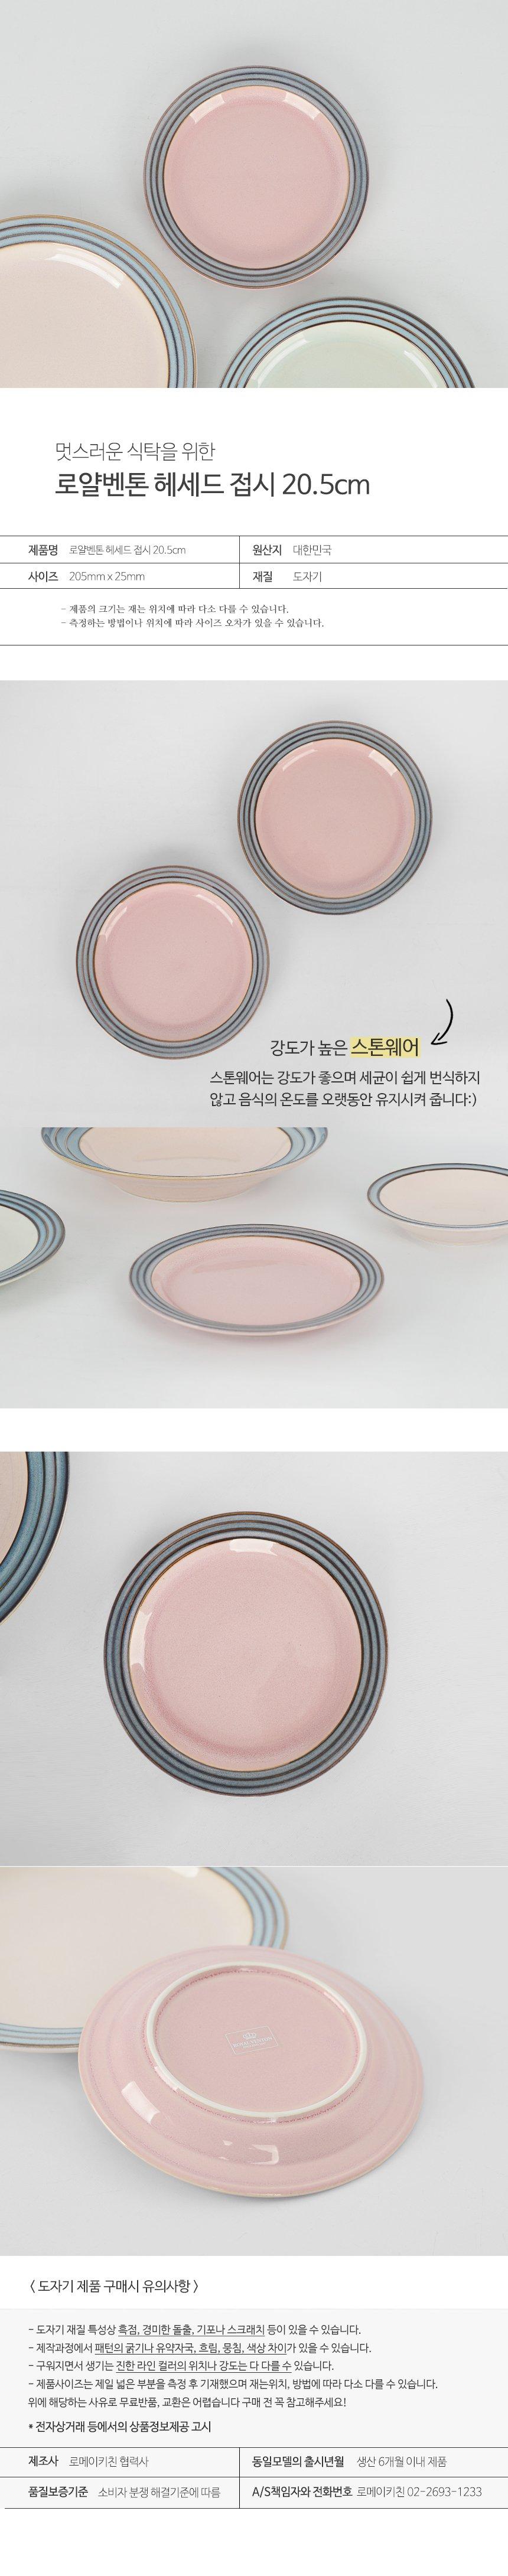 로얄벤톤 헤세드 접시 20.5cm 1P - 로메이키친5, 17,000원, 접시/찬기, 접시